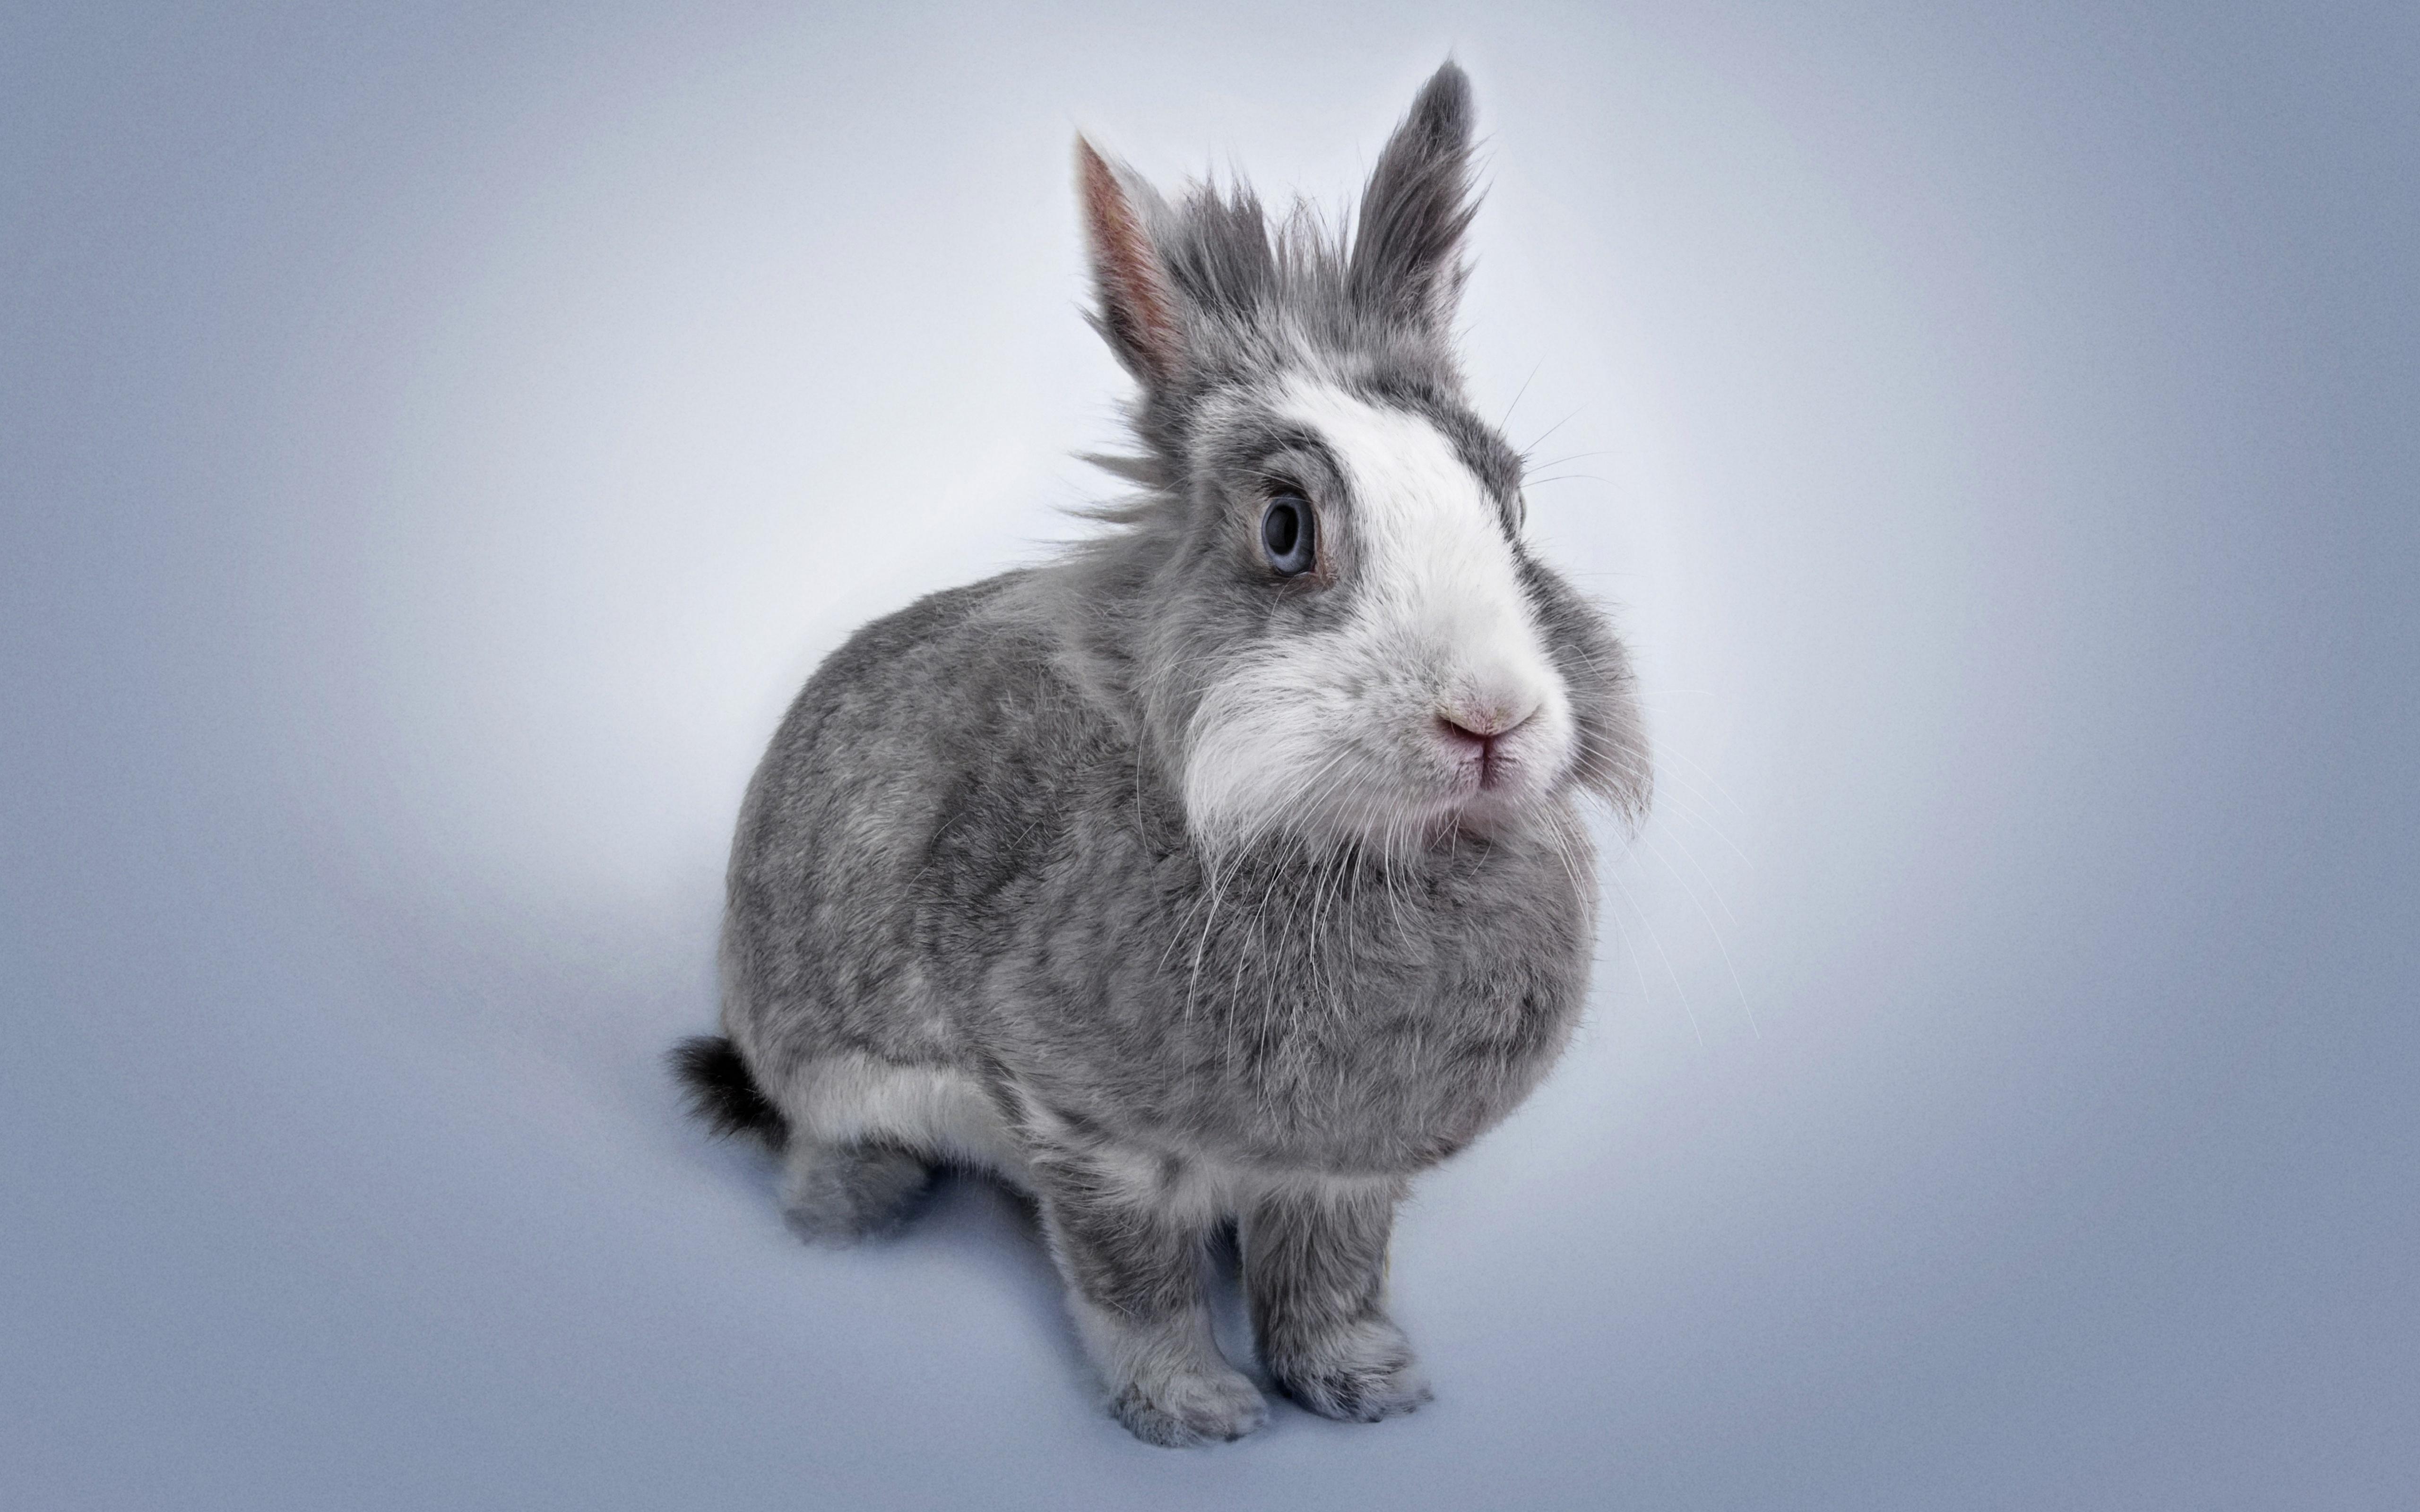 Bilder Kaninchen graue ein Tier Grau graues Tiere